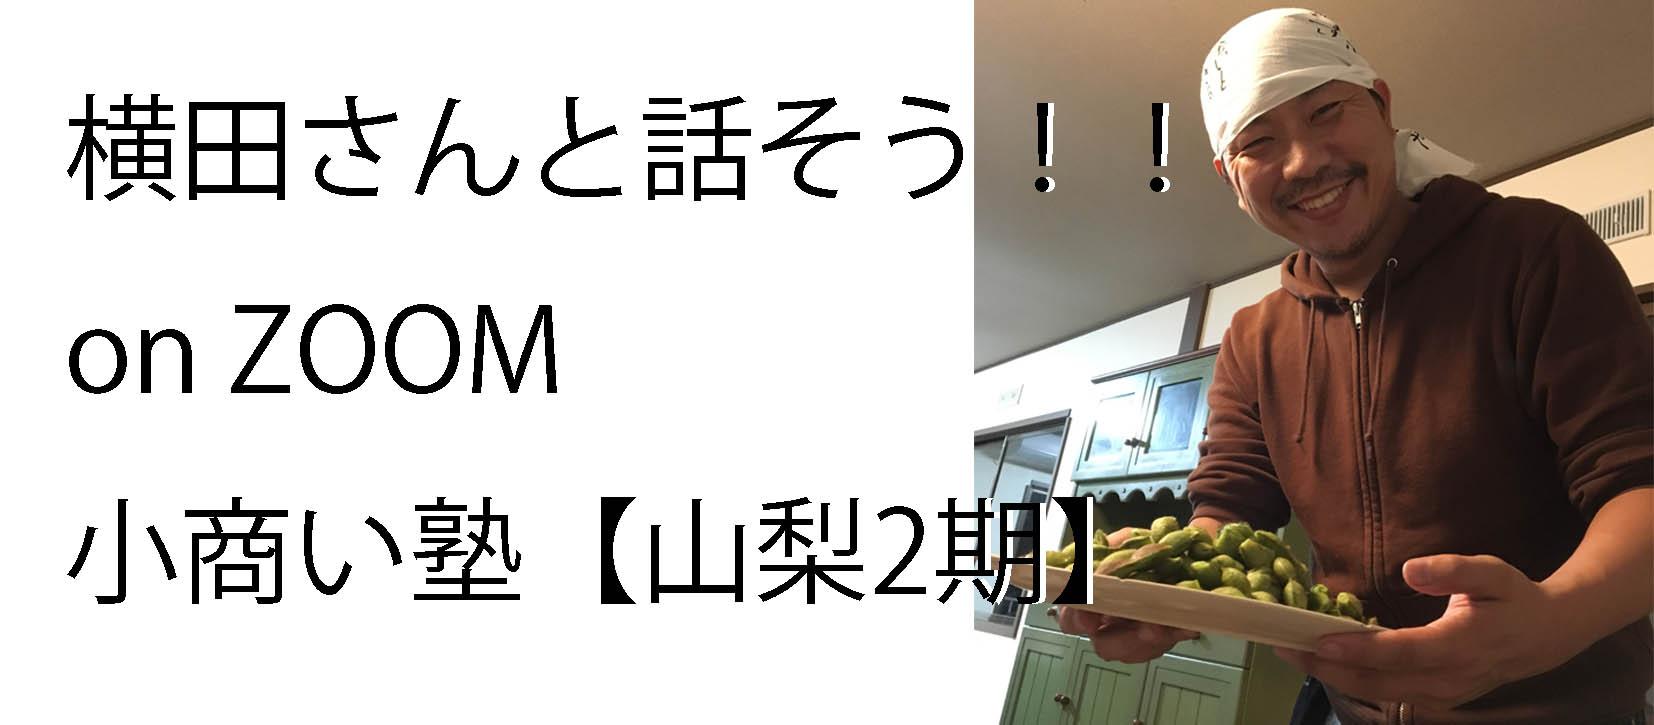 小商い塾プレプレスクール 横田さんと話そう!on Zoom【山梨2期】